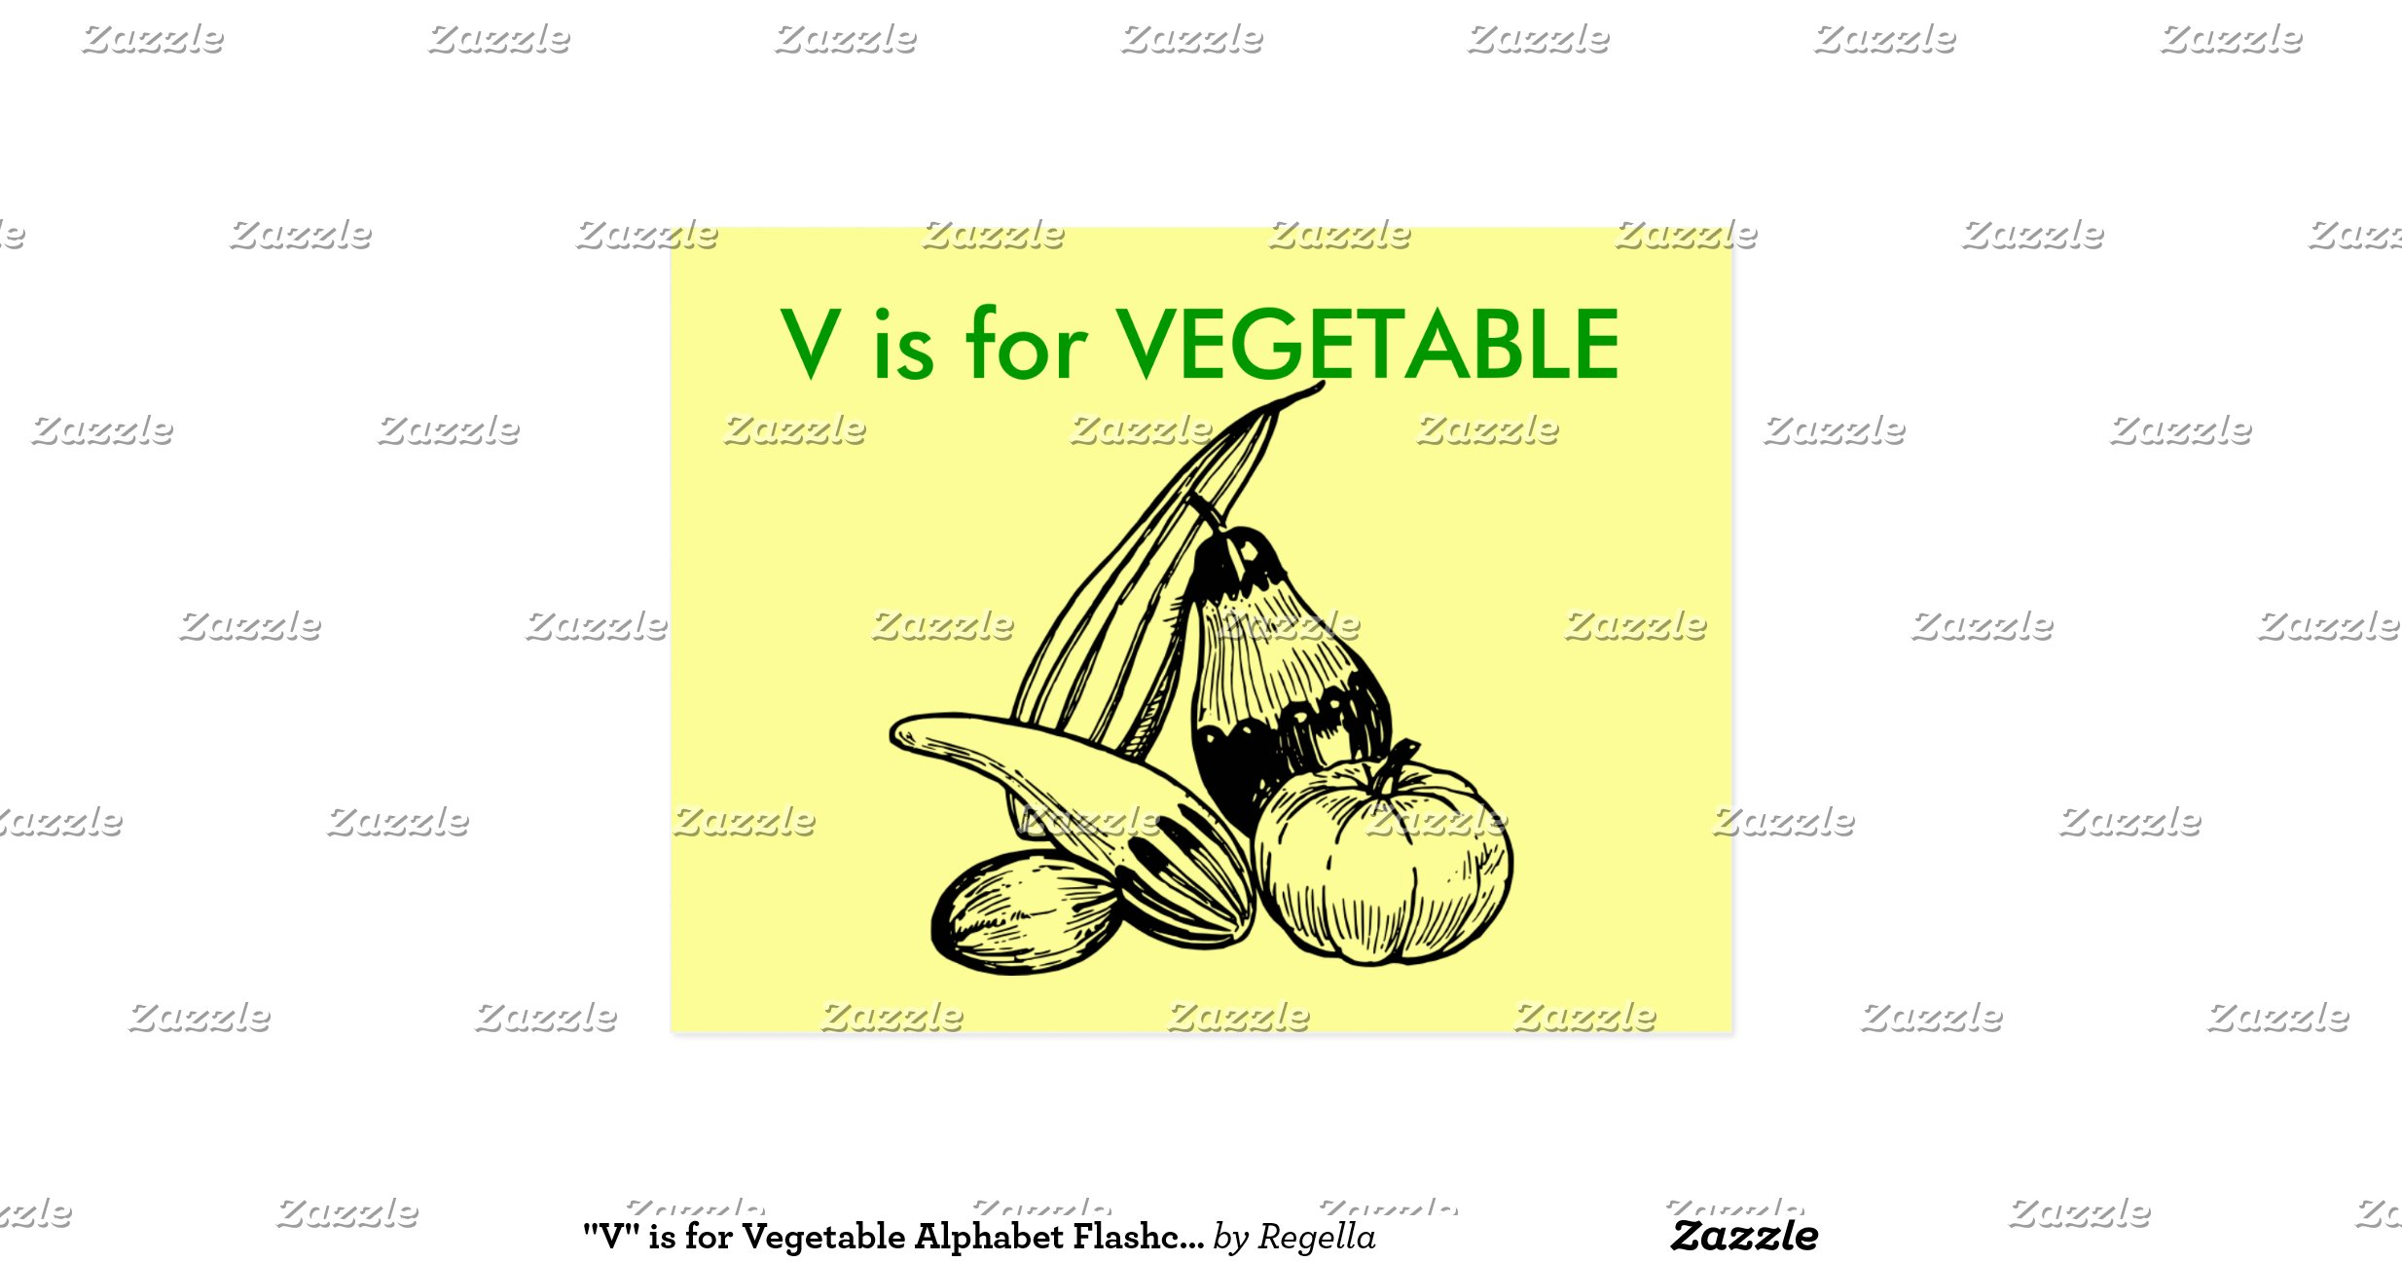 V Is For Vegetables v_is_for_vegetable_alp...